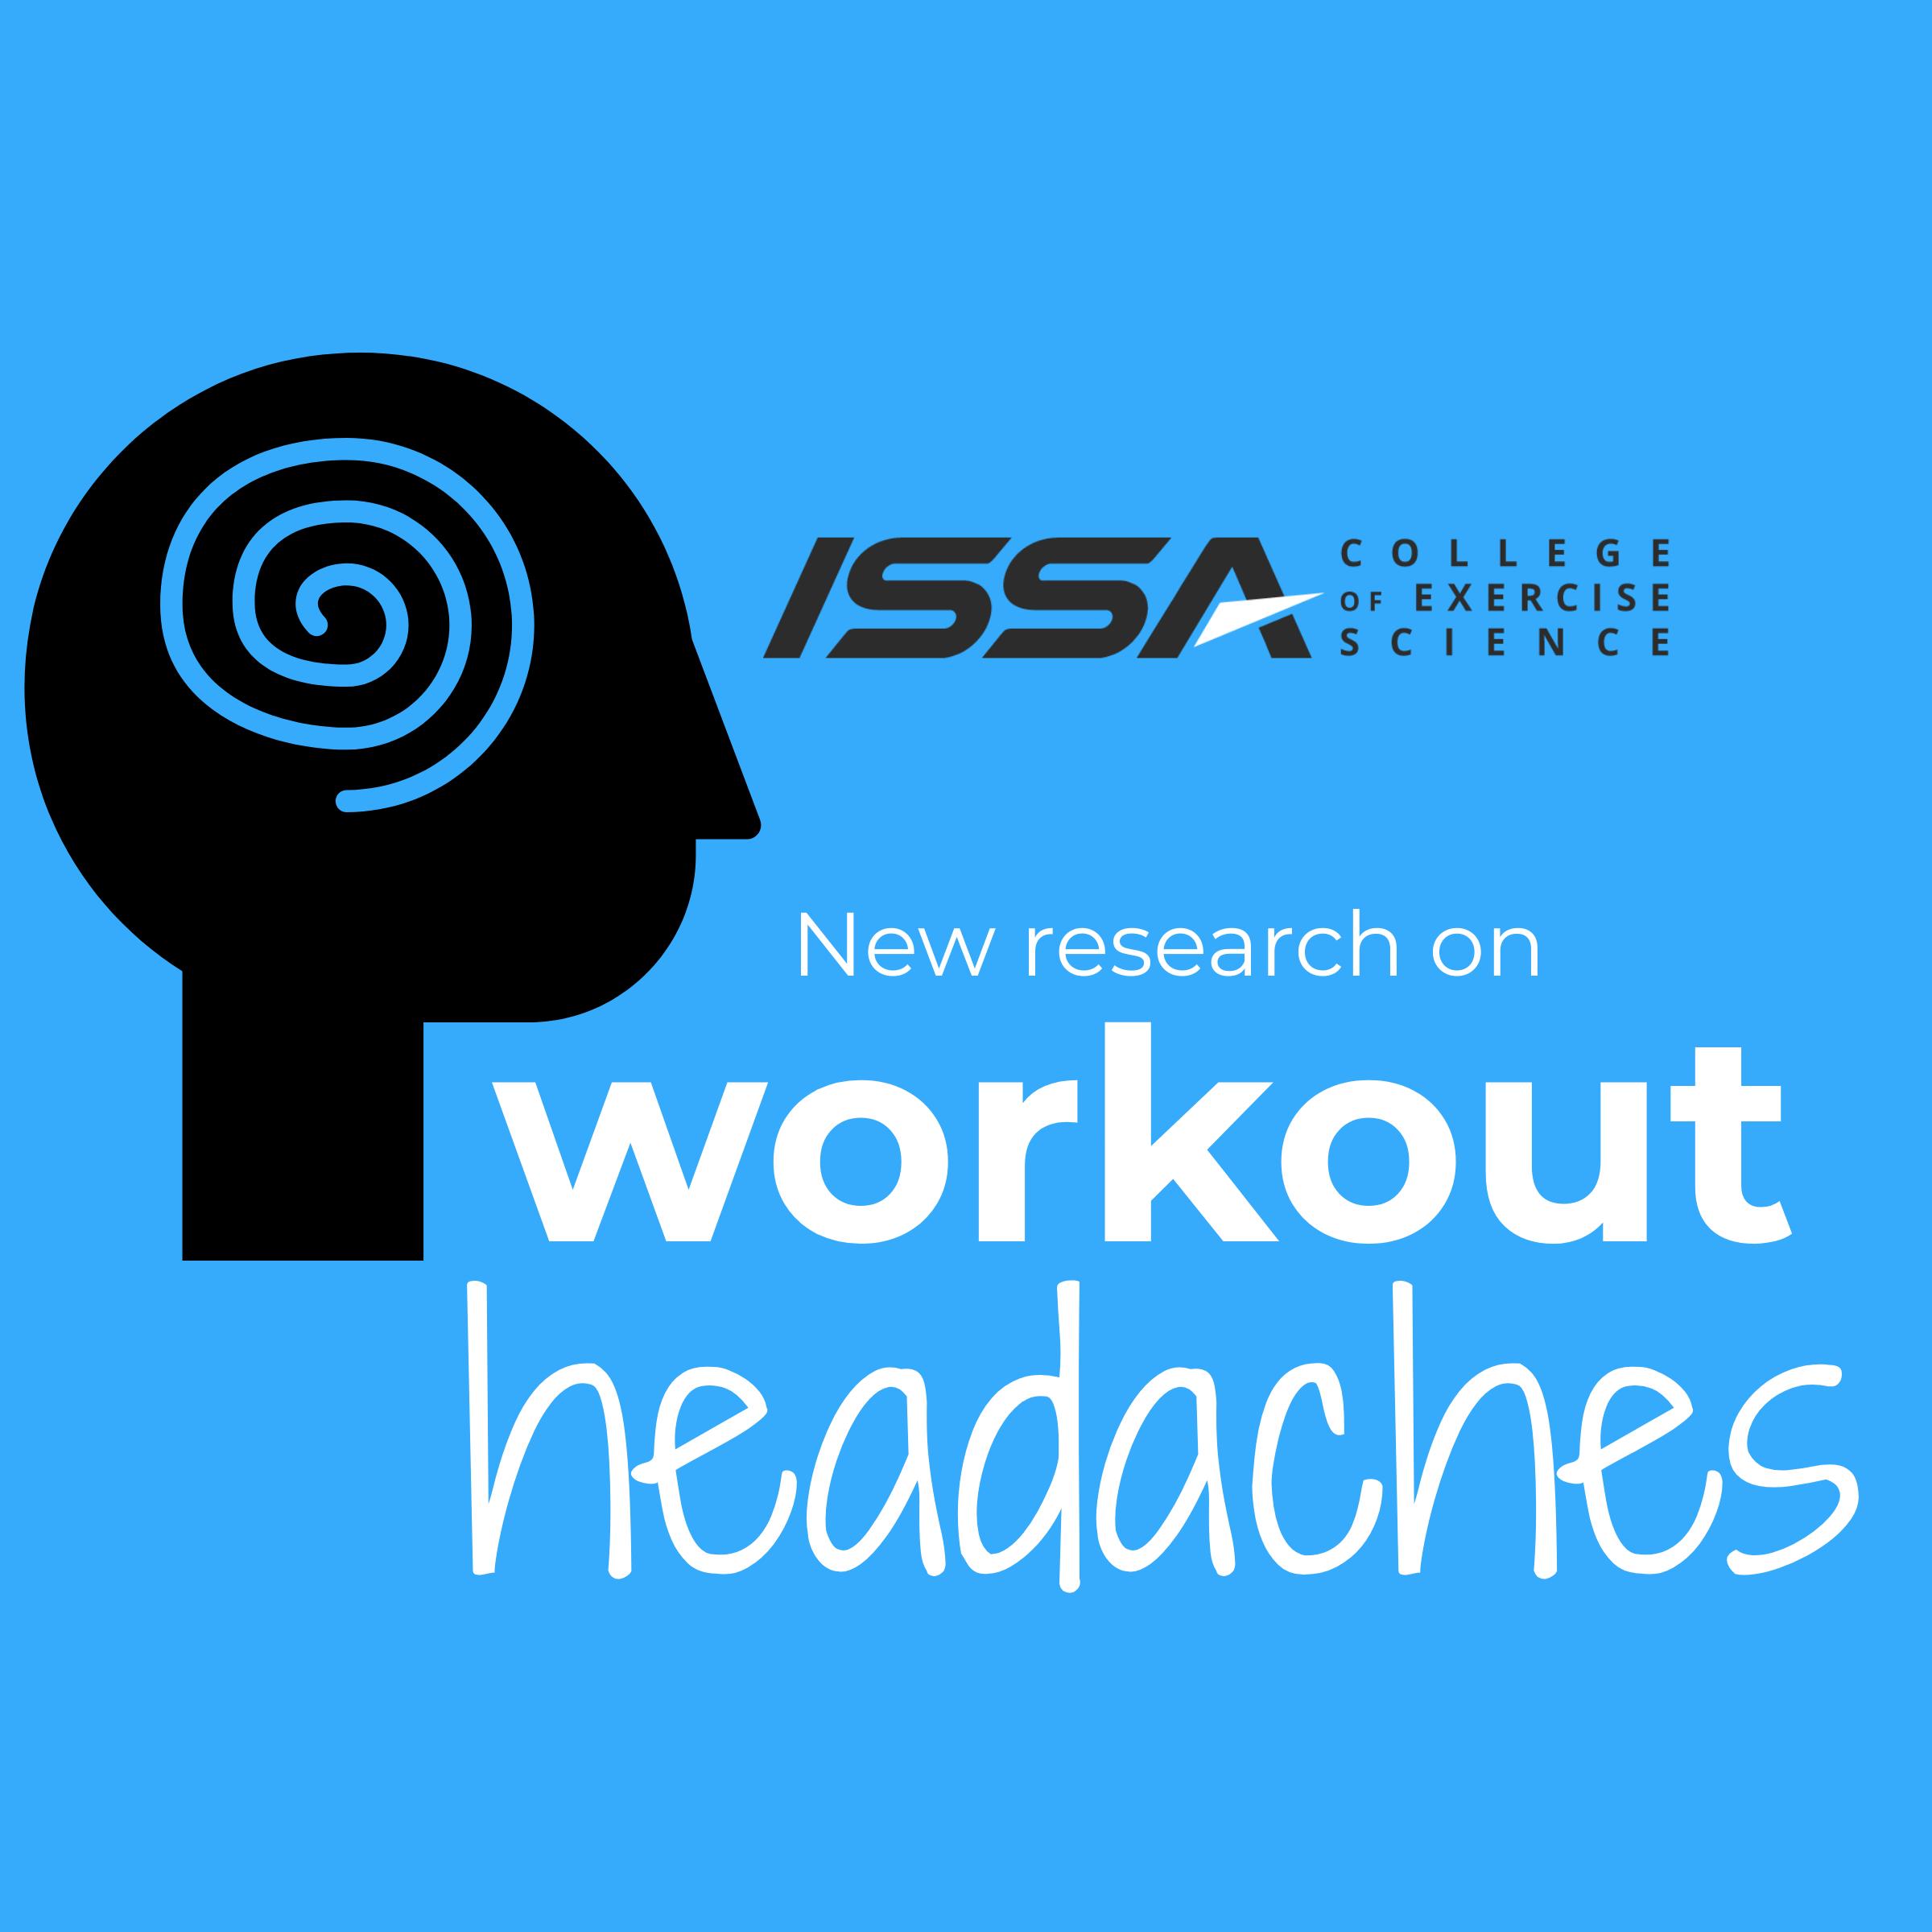 19-1001-headaches